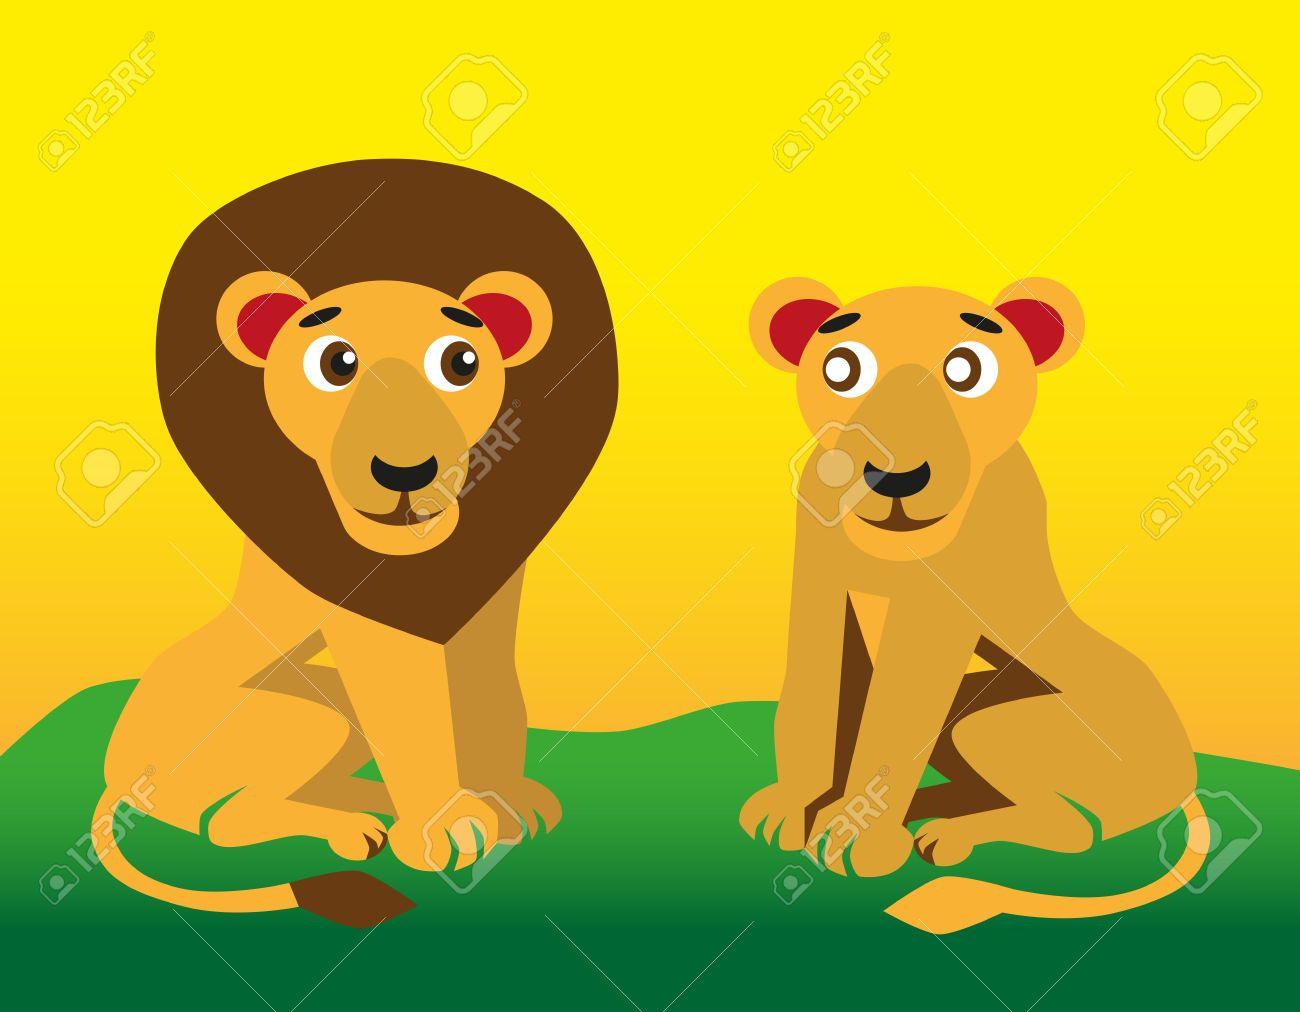 Imagen En Color De León Divertido Animal Del Dibujo Animado Y La